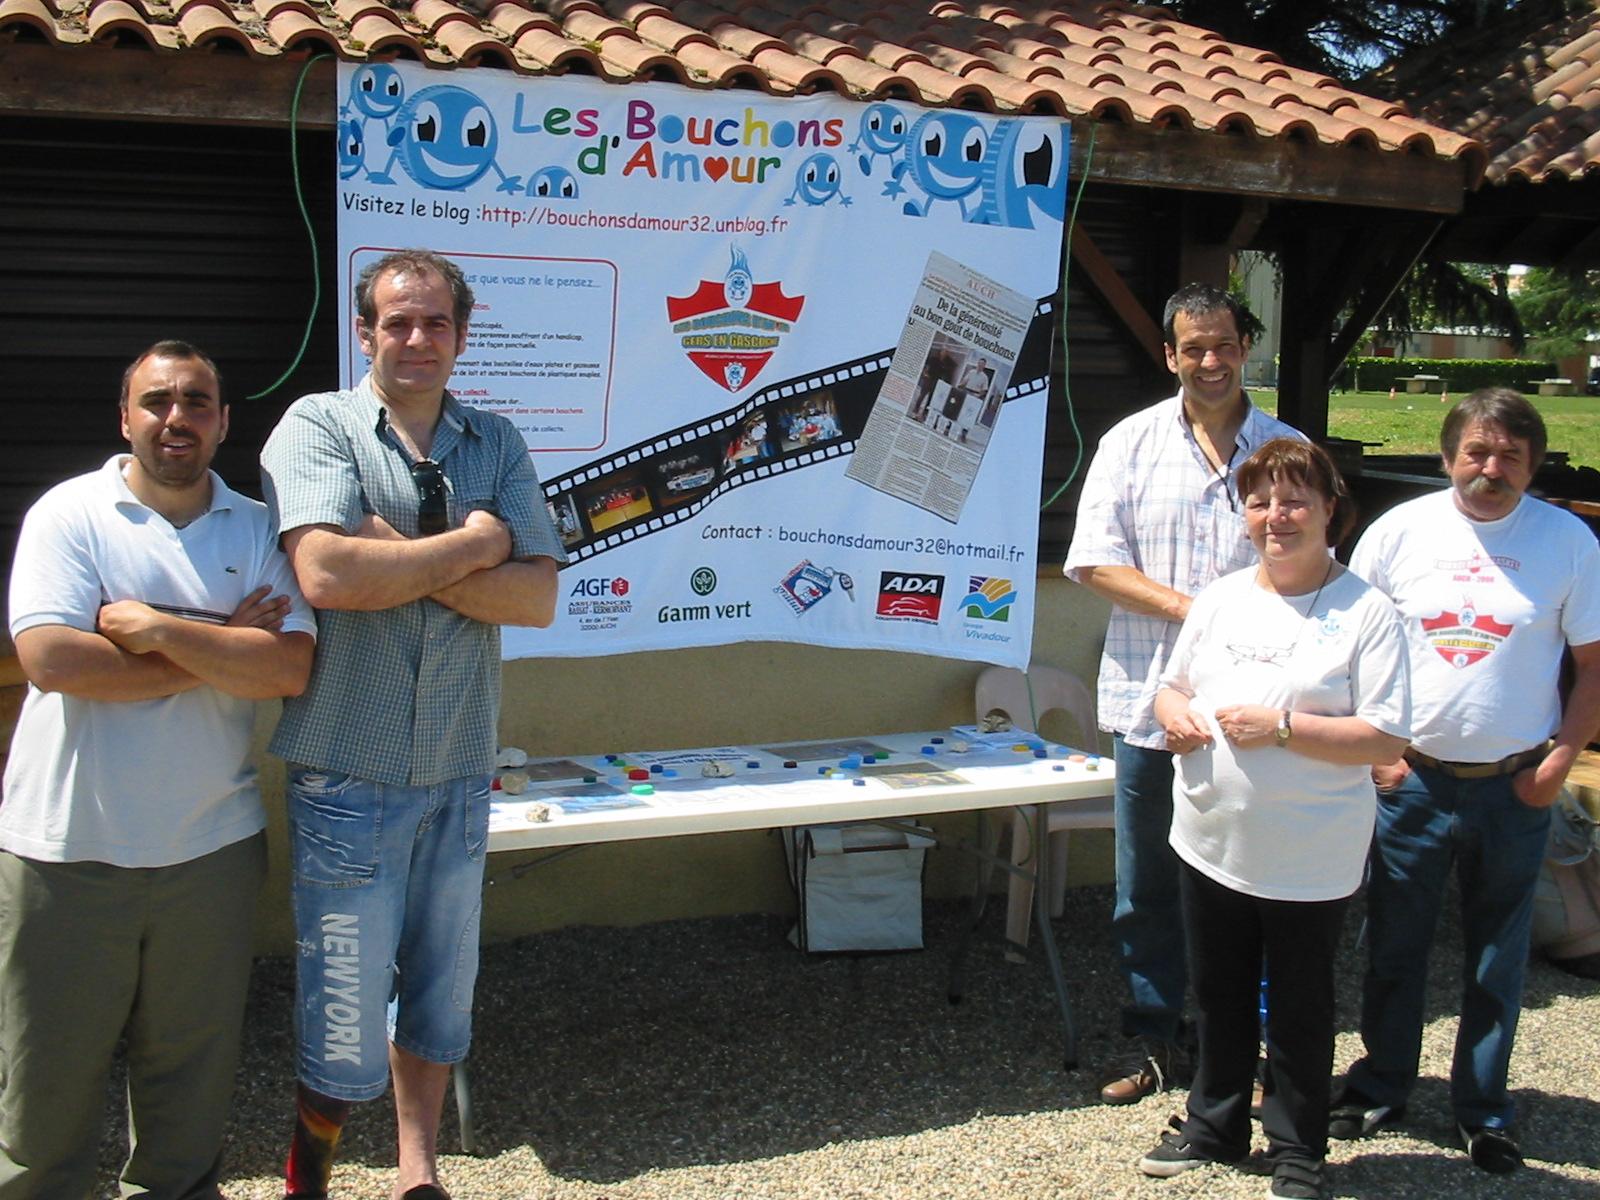 Guillaume, Eric, Gilette, Salim et Michel ont participé à la journée handisport à Condom le 28 mai 2009